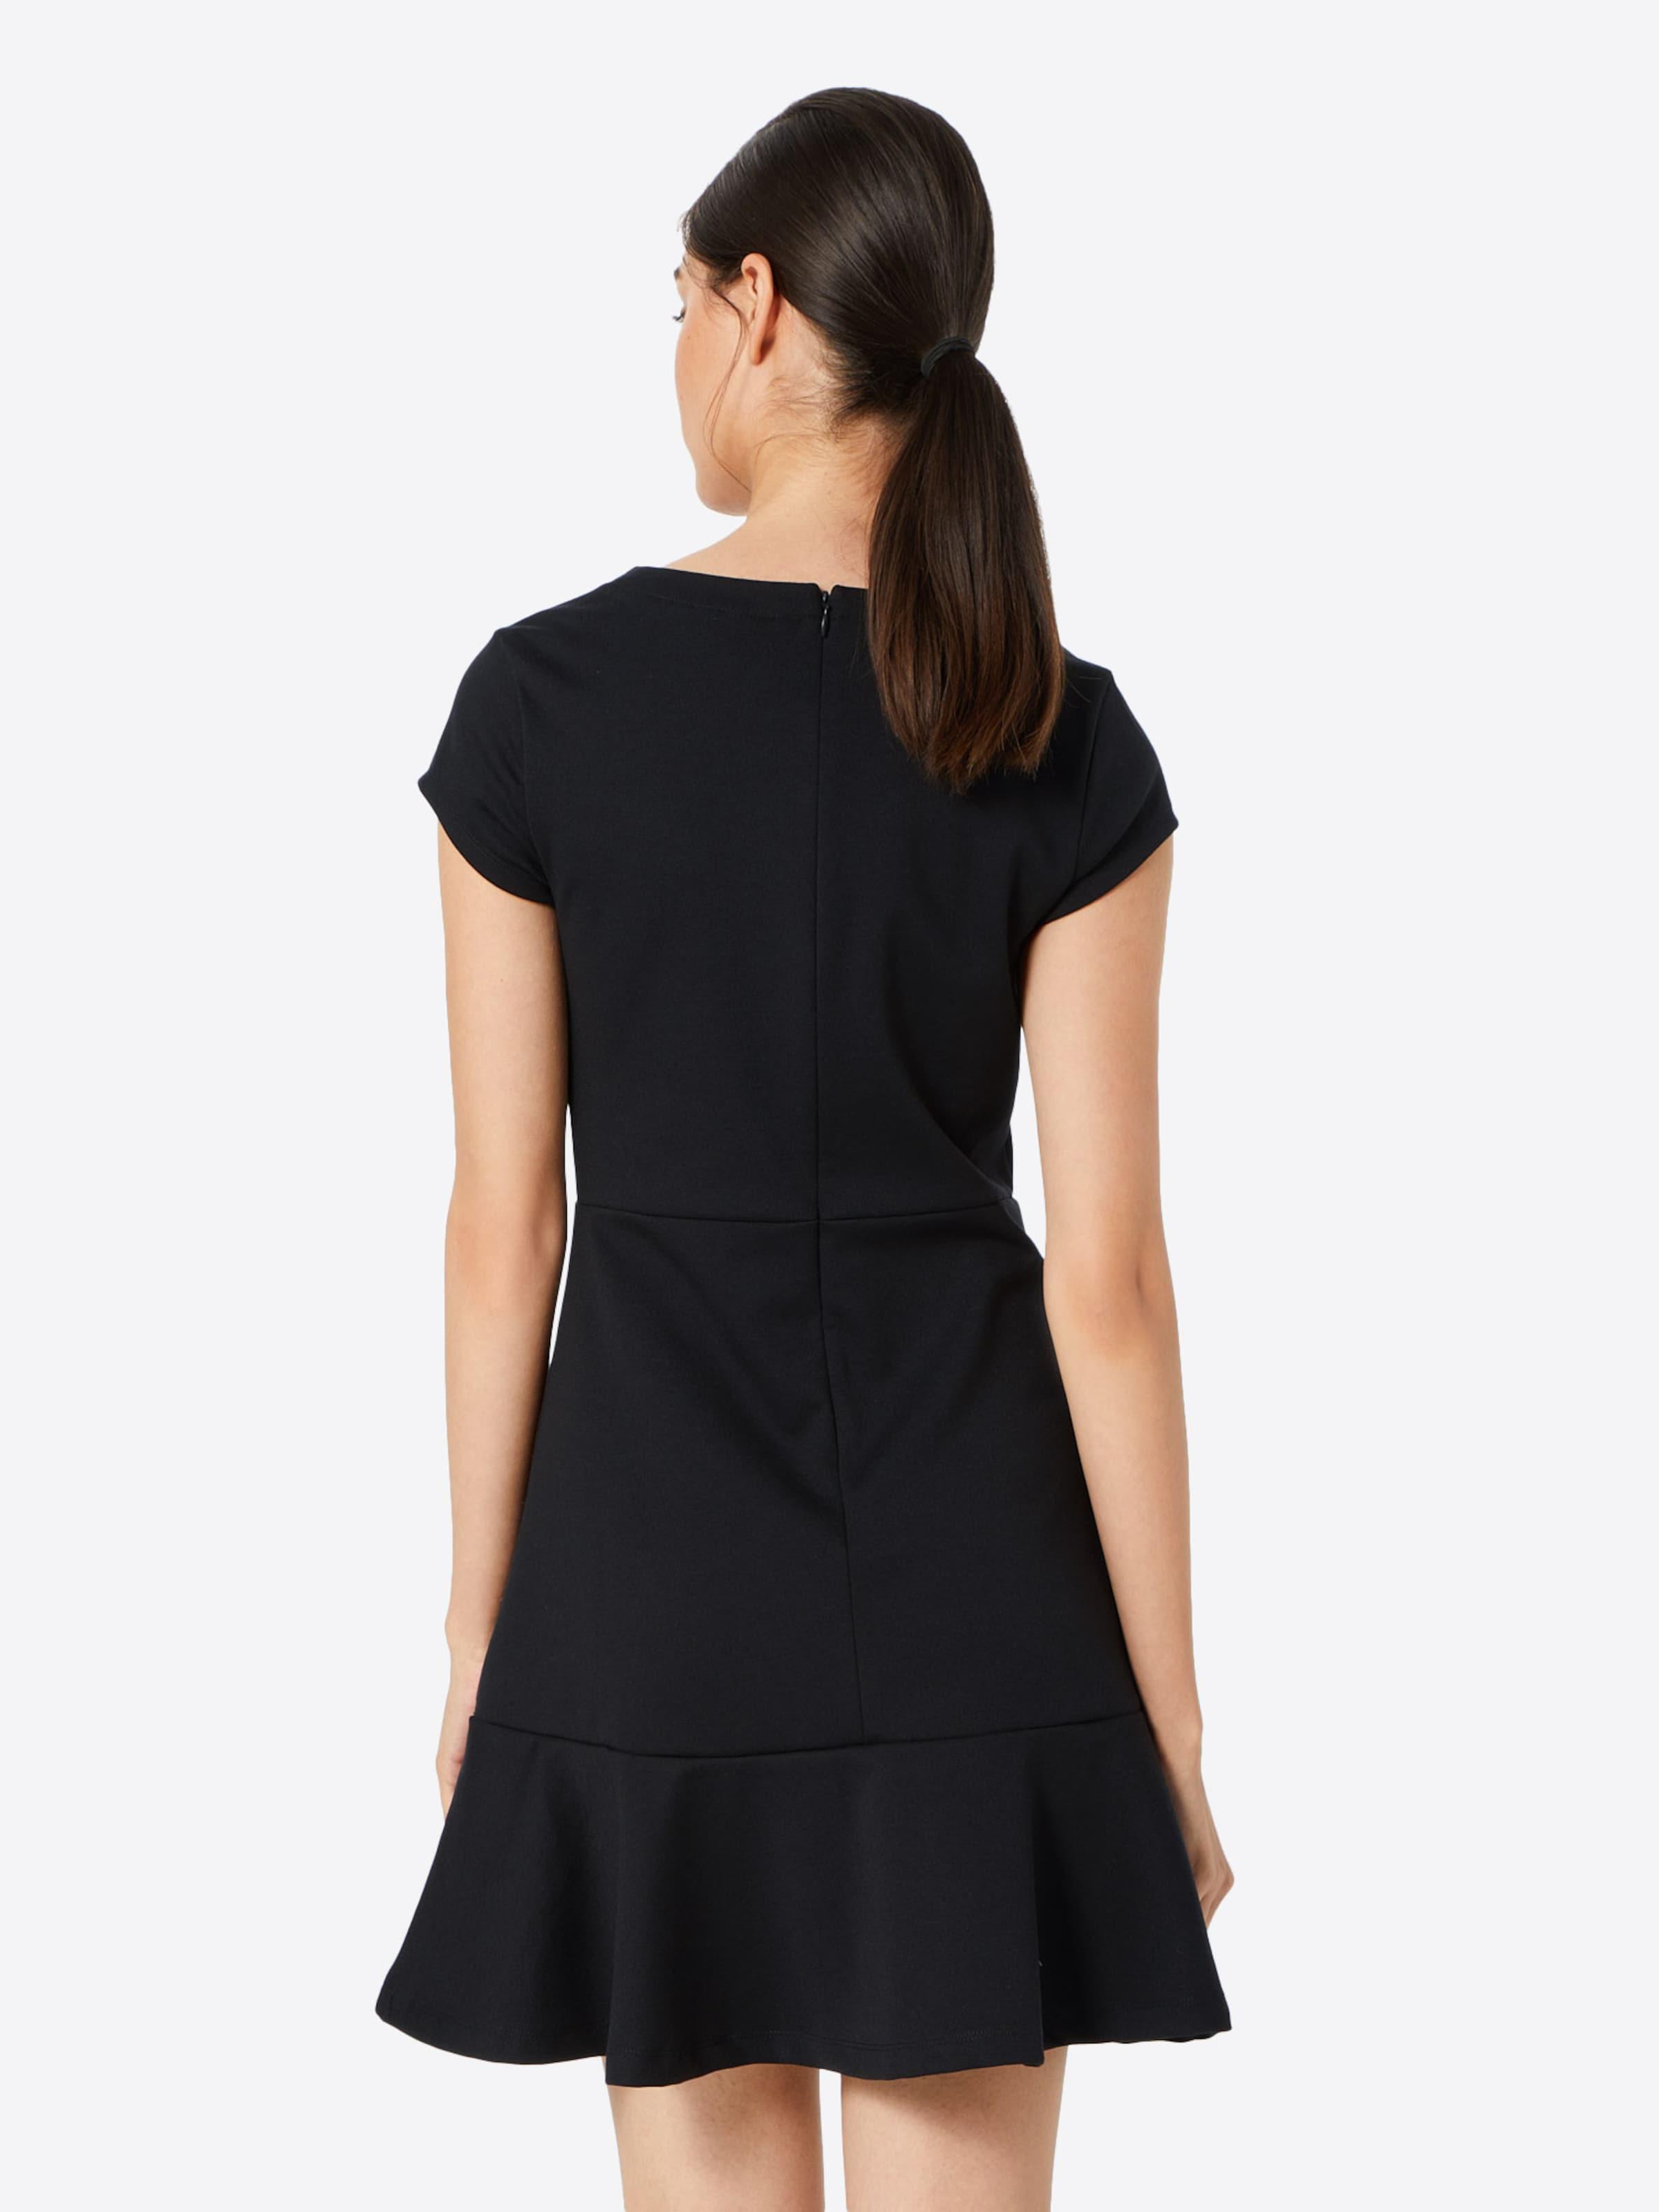 Kleid Kleid Schwarz In Gap Gap Schwarz In Nn0w8vm